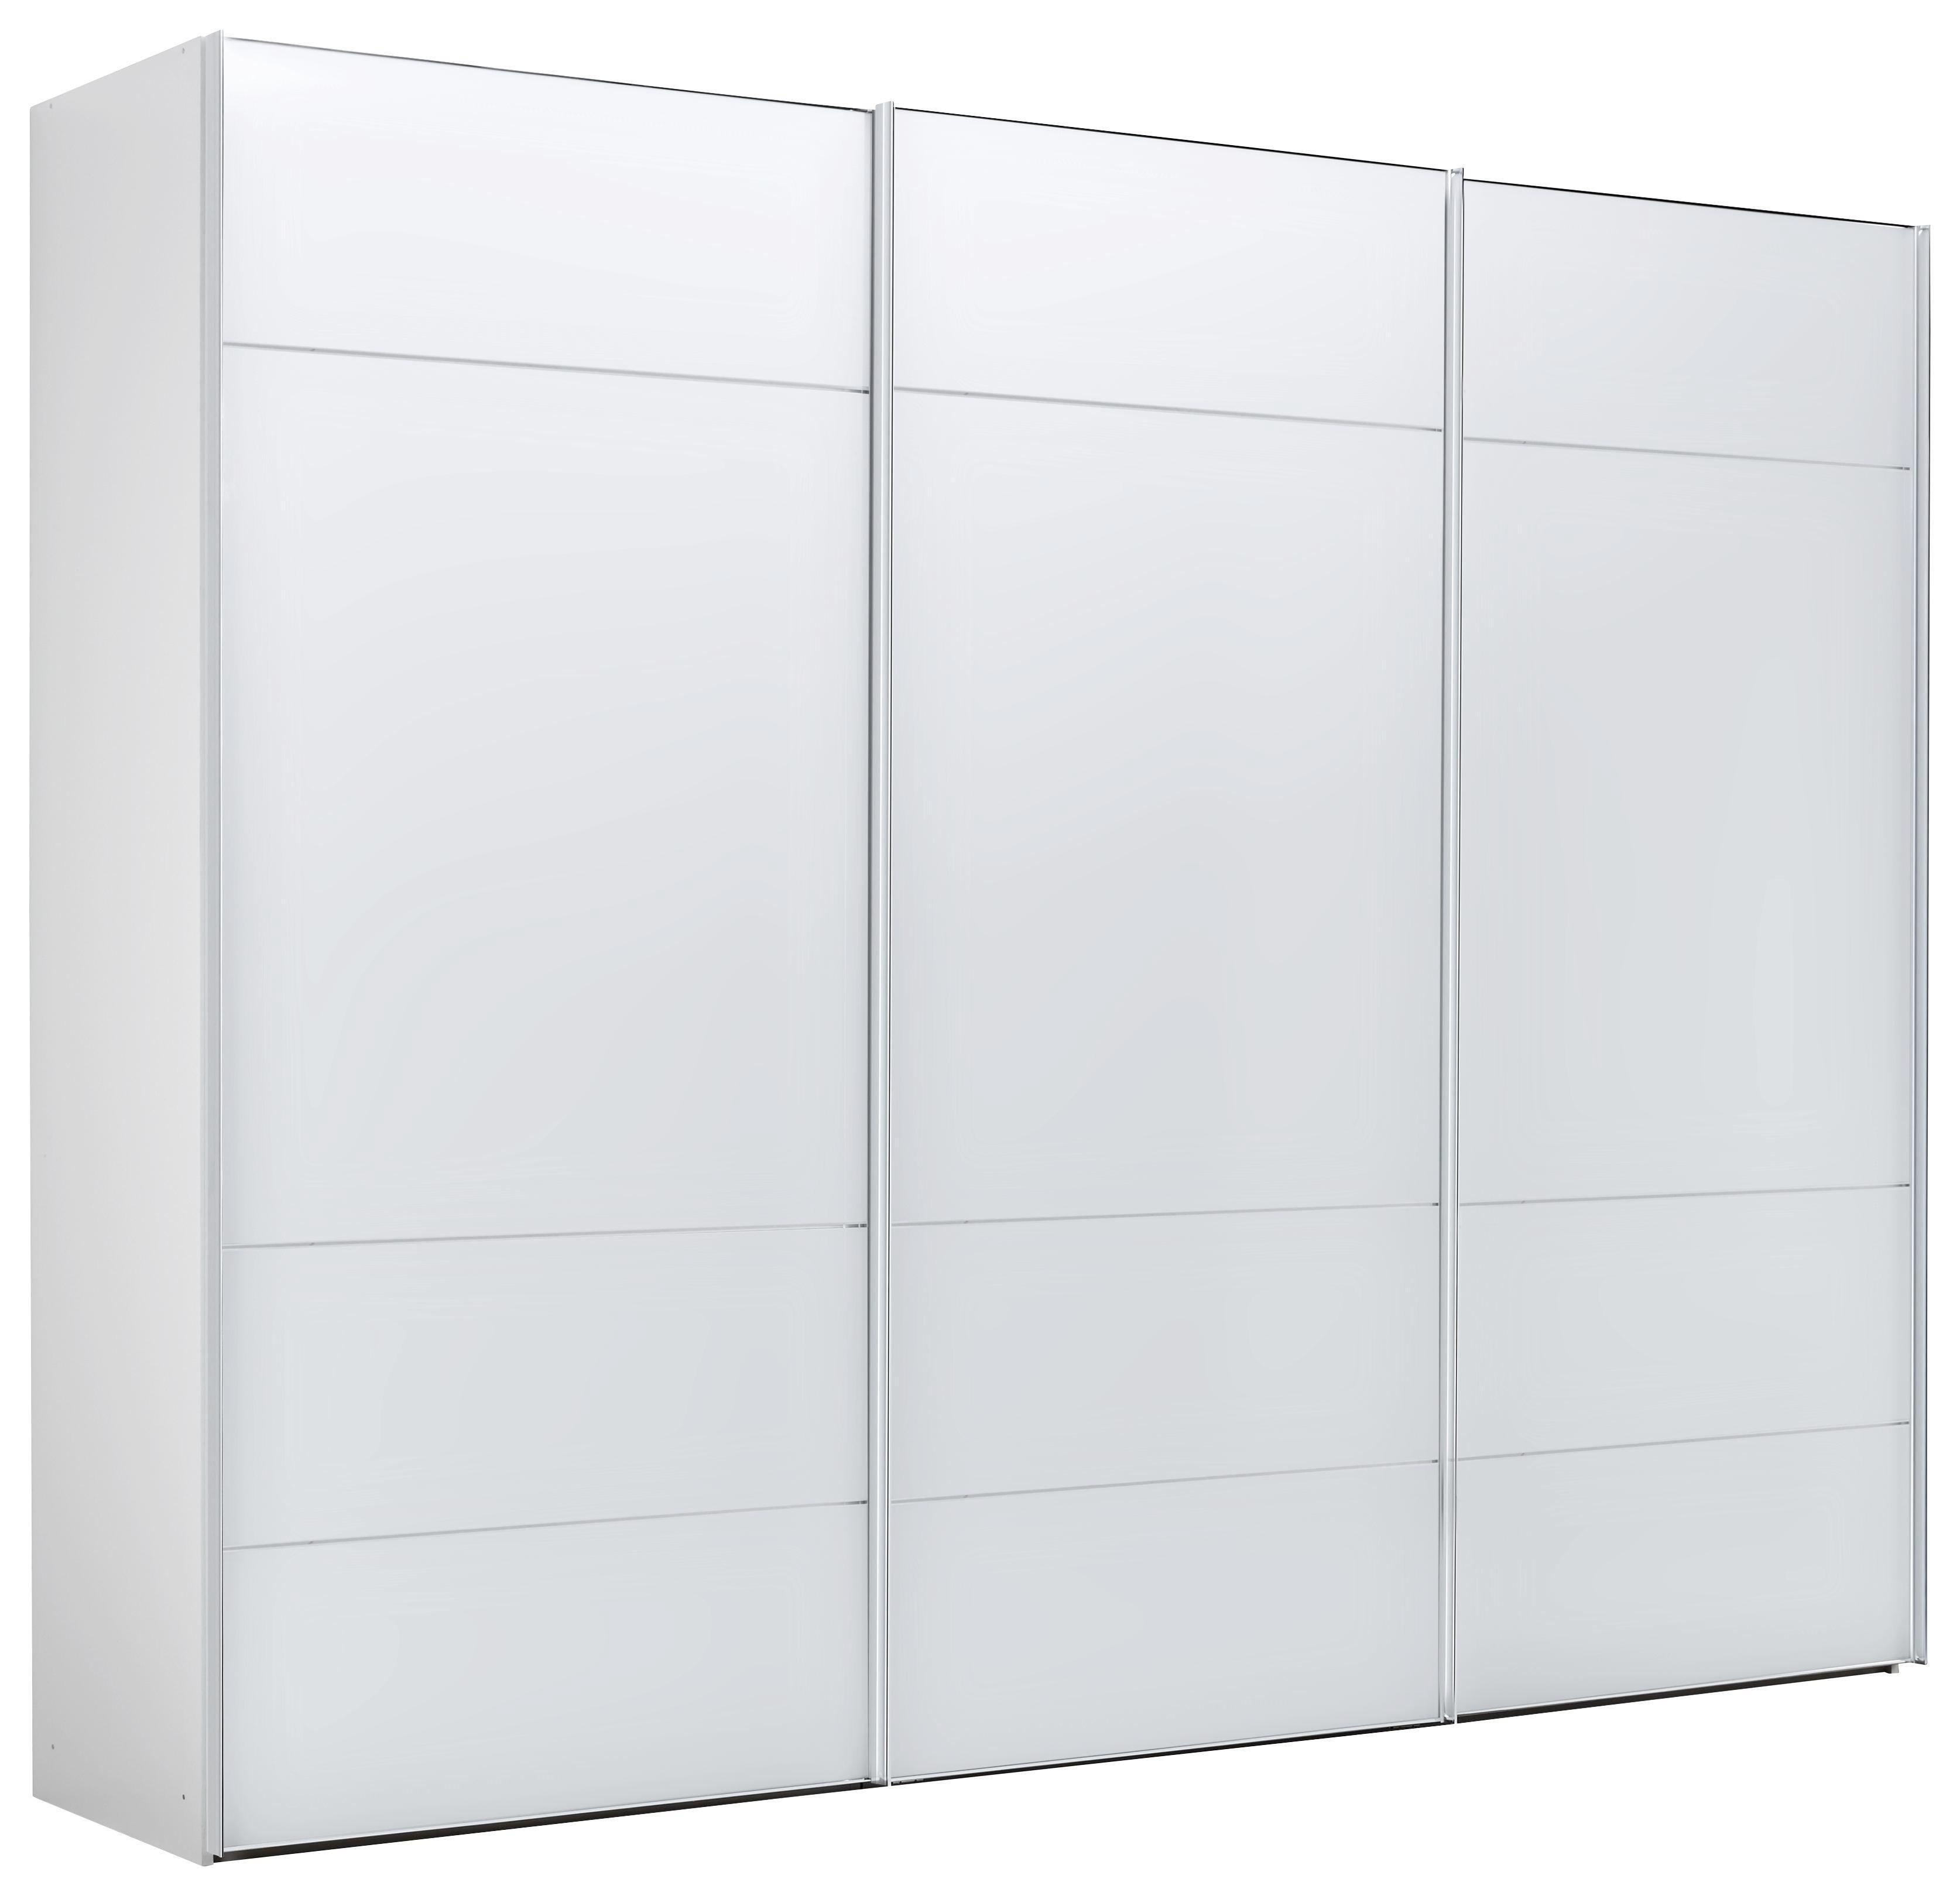 kleiderschrank 300 cm breit seersucker bettw sche lila. Black Bedroom Furniture Sets. Home Design Ideas